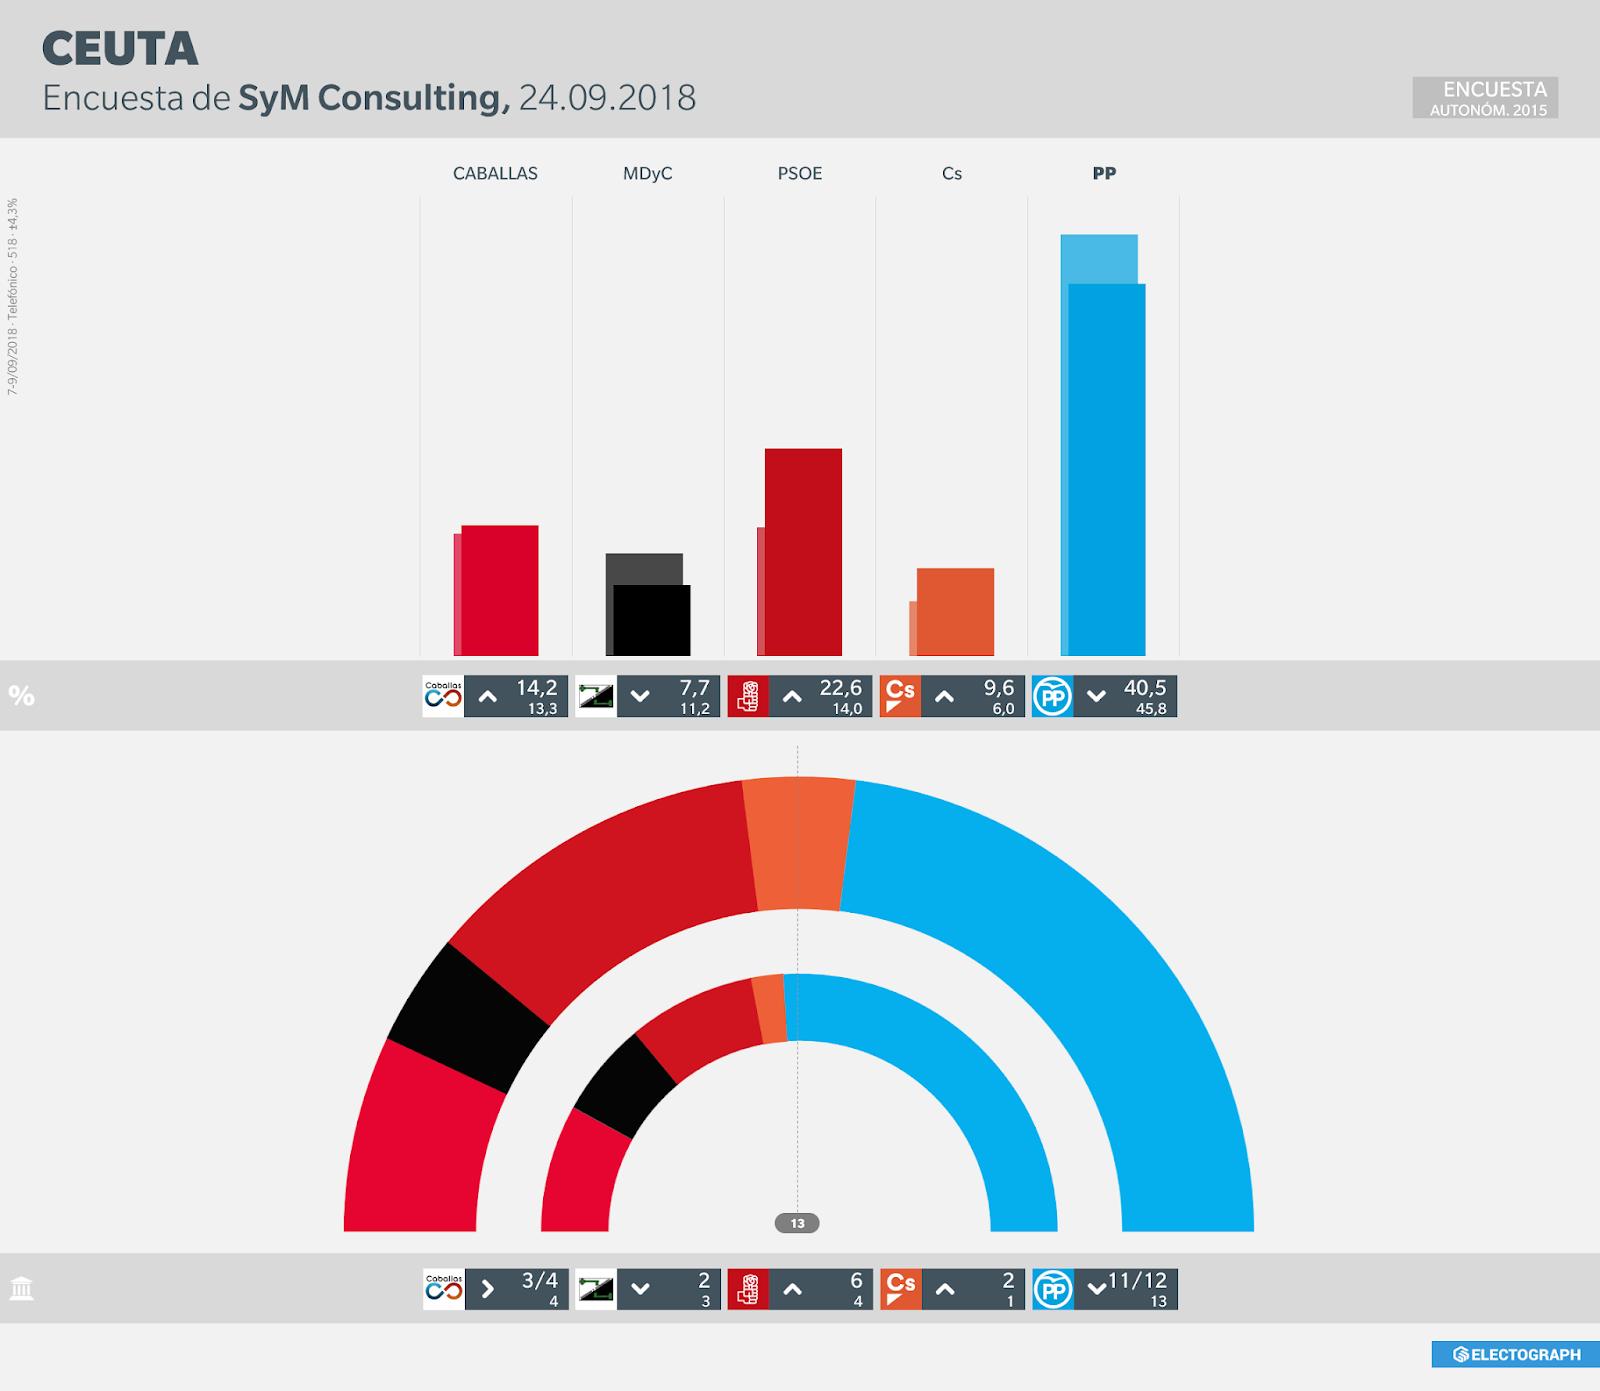 Gráfico de la encuesta para elecciones autonómicas en Ceuta realizada por SyM Consulting en septiembre de 2018